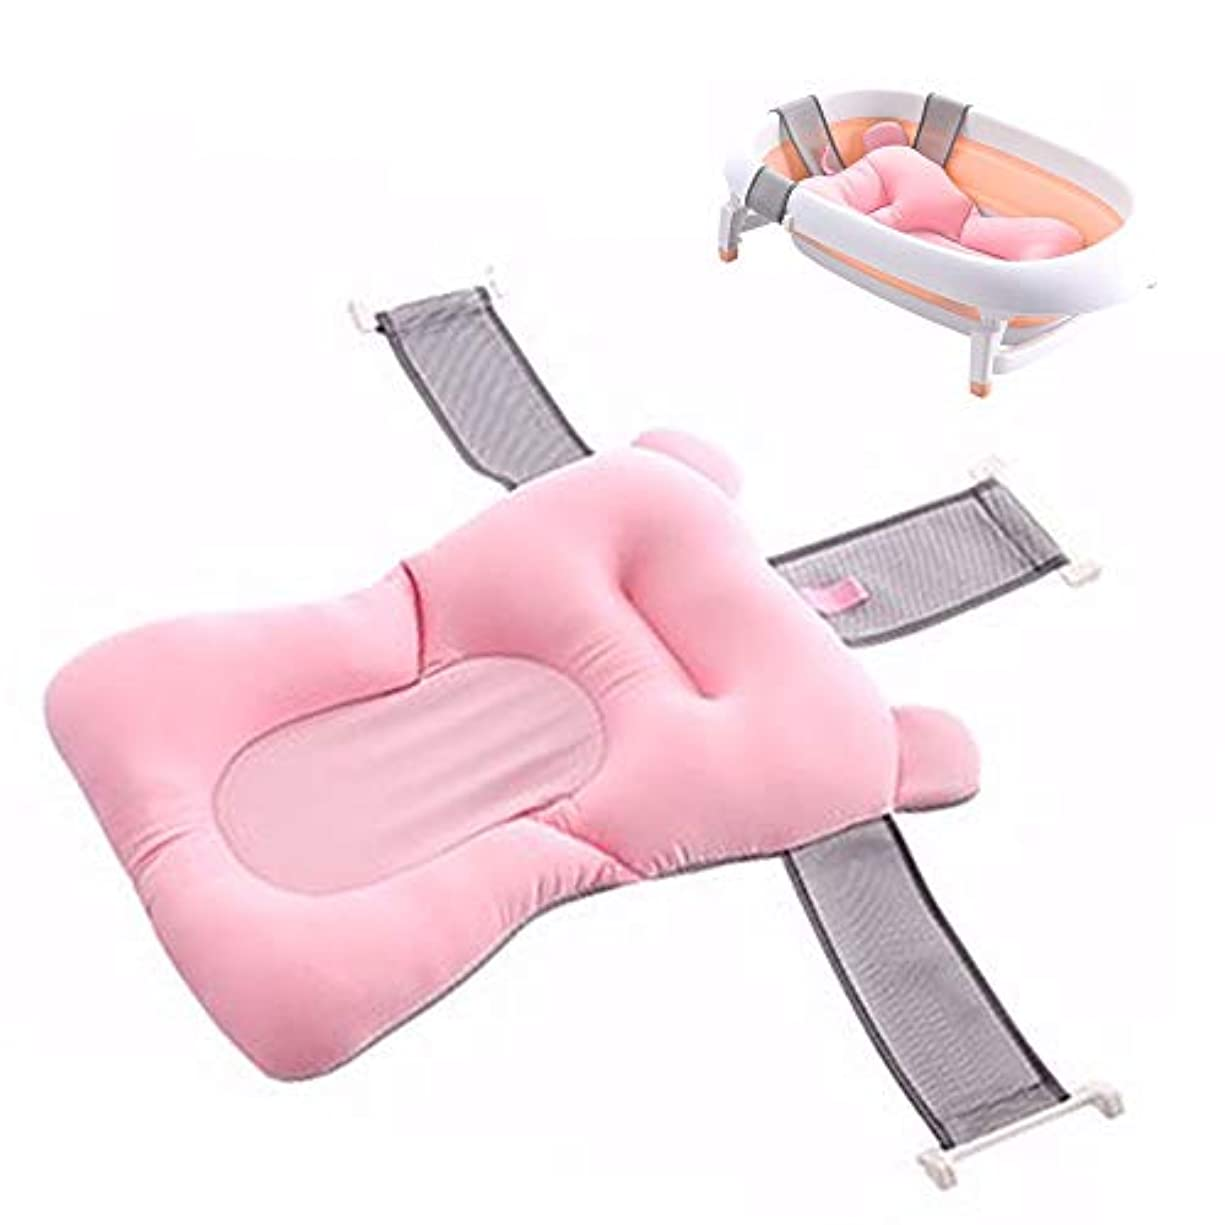 繊維ヒョウ繊維赤ちゃん浴槽枕風呂クッション幼児ラウンジャーエアクッション柔らかい滑り止めバスシート用0-12ヶ月幼児,Pink